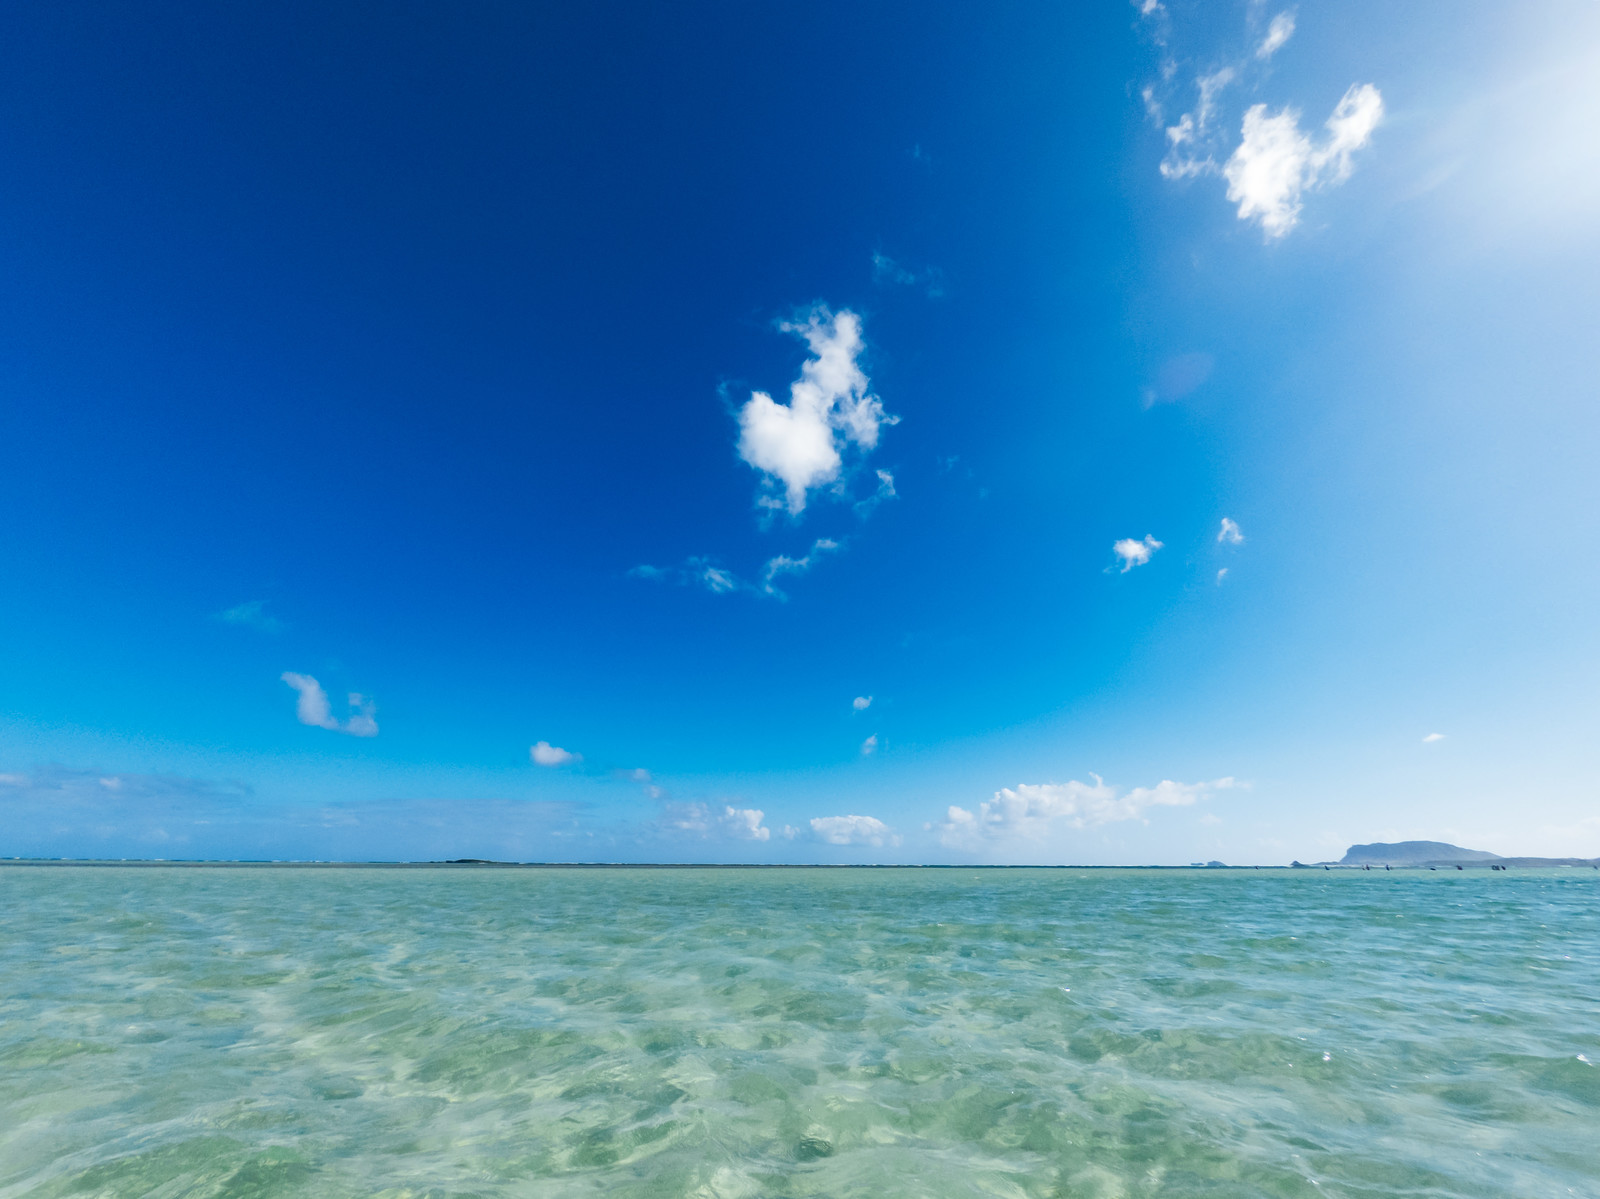 「どこまでも歩けそうな天国の海」の写真